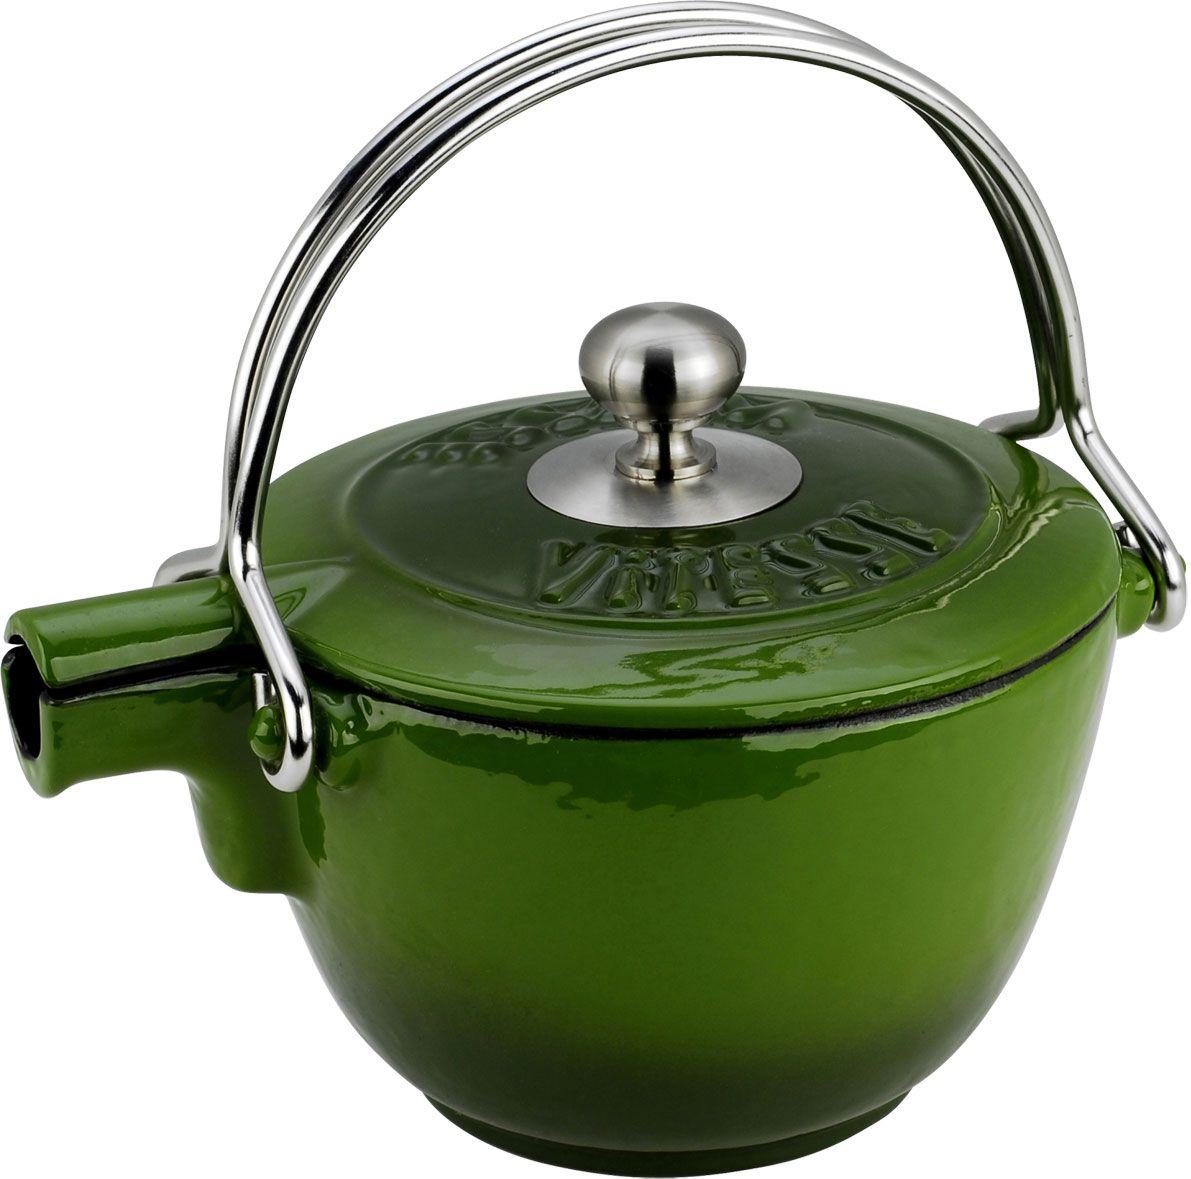 Чайник заварочный Vitesse Ferro, с ситечком, цвет: зеленый, 1,15 л54 009312Заварочный чайник Vitesse Ferro изготовлен из чугуна с эмалированной внутренней и внешней поверхностью. Эмалированный чугун - это железо, на которое наложено прочное стекловидное эмалевое покрытие. Такая посуда отлично подходит для приготовления традиционной здоровой пищи. Чугун является наилучшим материалом, который долго удерживает и равномерно распределяет тепло. Благодаря особым качествам эмали, чем дольше вы используете посуду, тем лучше становятся ее эксплуатационные характеристики. Чугун обладает высокой прочностью, износоустойчивостью и антикоррозийными свойствами. Чайник оснащен двумя металлическими ручками и крышкой. Металлическое ситечко на цепочке с крючком - в комплекте. Можно готовить на газовых, электрических, стеклокерамических, галогенных, индукционных плитах. Подходит для мытья в посудомоечной машине.Высота чайника (без учета ручки и крышки): 10,5 см. Диаметр чайника (по верхнему краю): 15,5 см. Диаметр ситечка: 6 см.